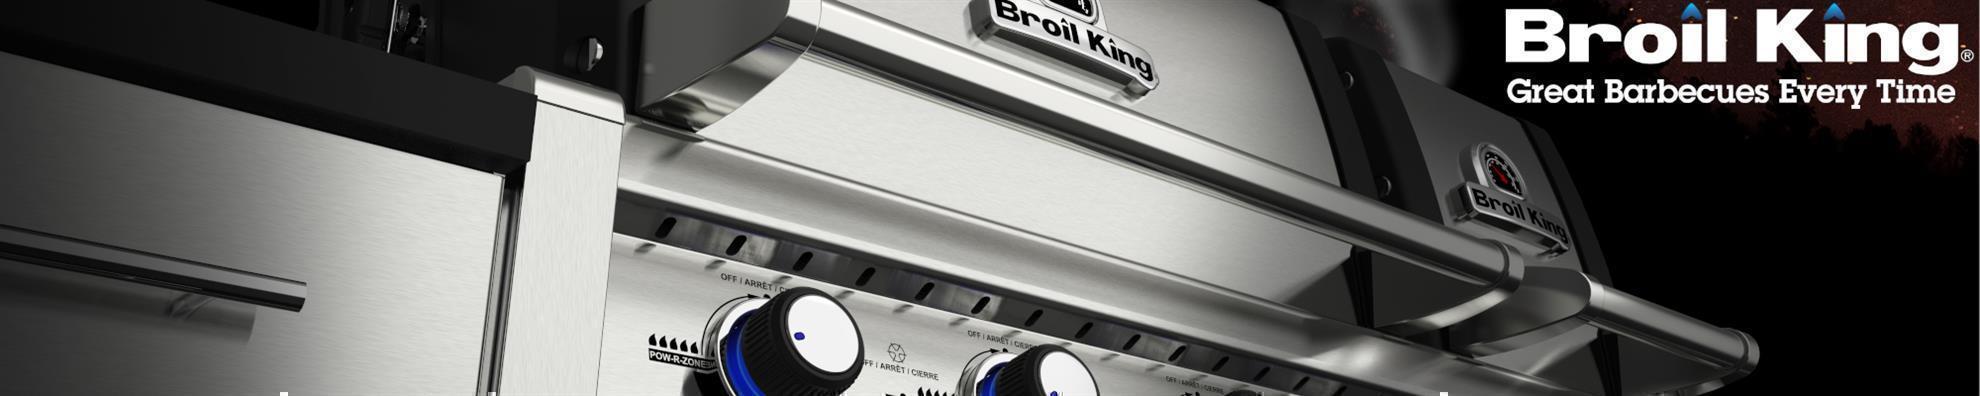 Broil King - REGAL™ 520 Built-In